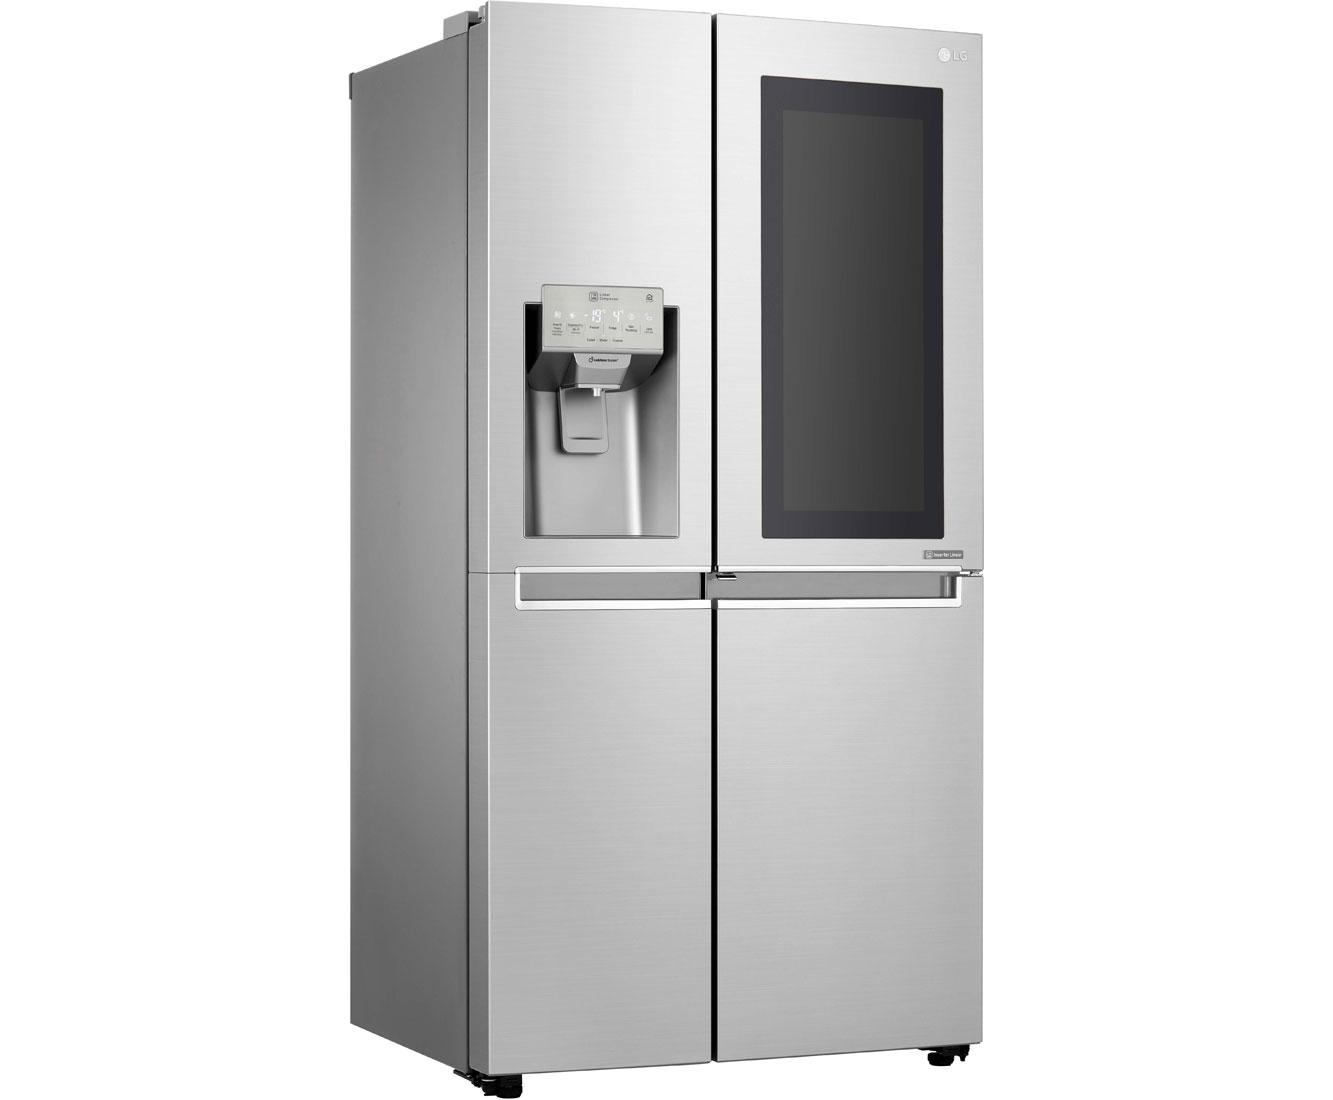 Side By Side Kühlschrank Idealo : Side by side kühlschrank idealo schneider sbs t db ab